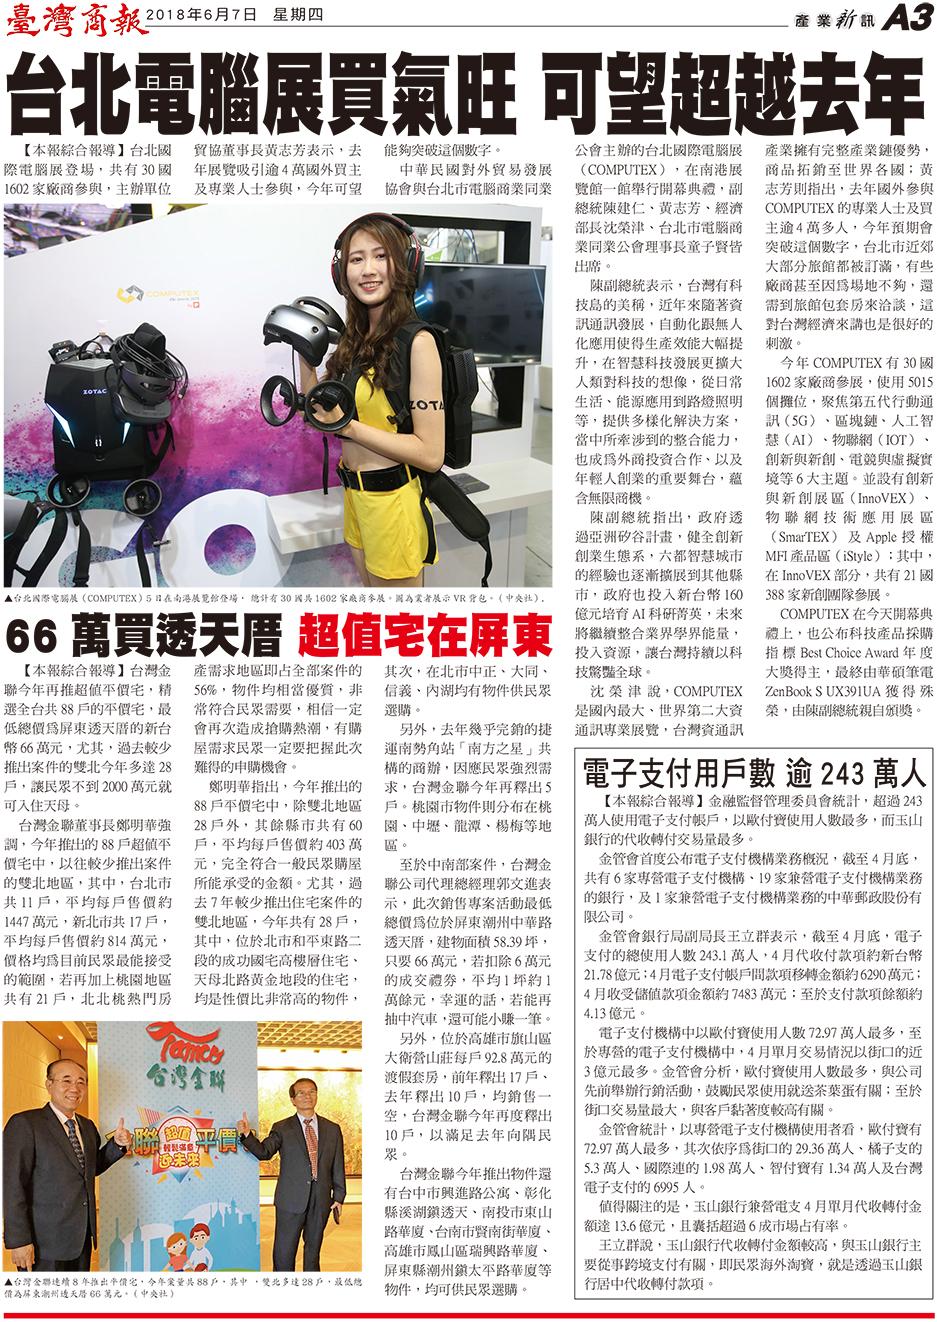 台北電腦展買氣旺 可望超越去年